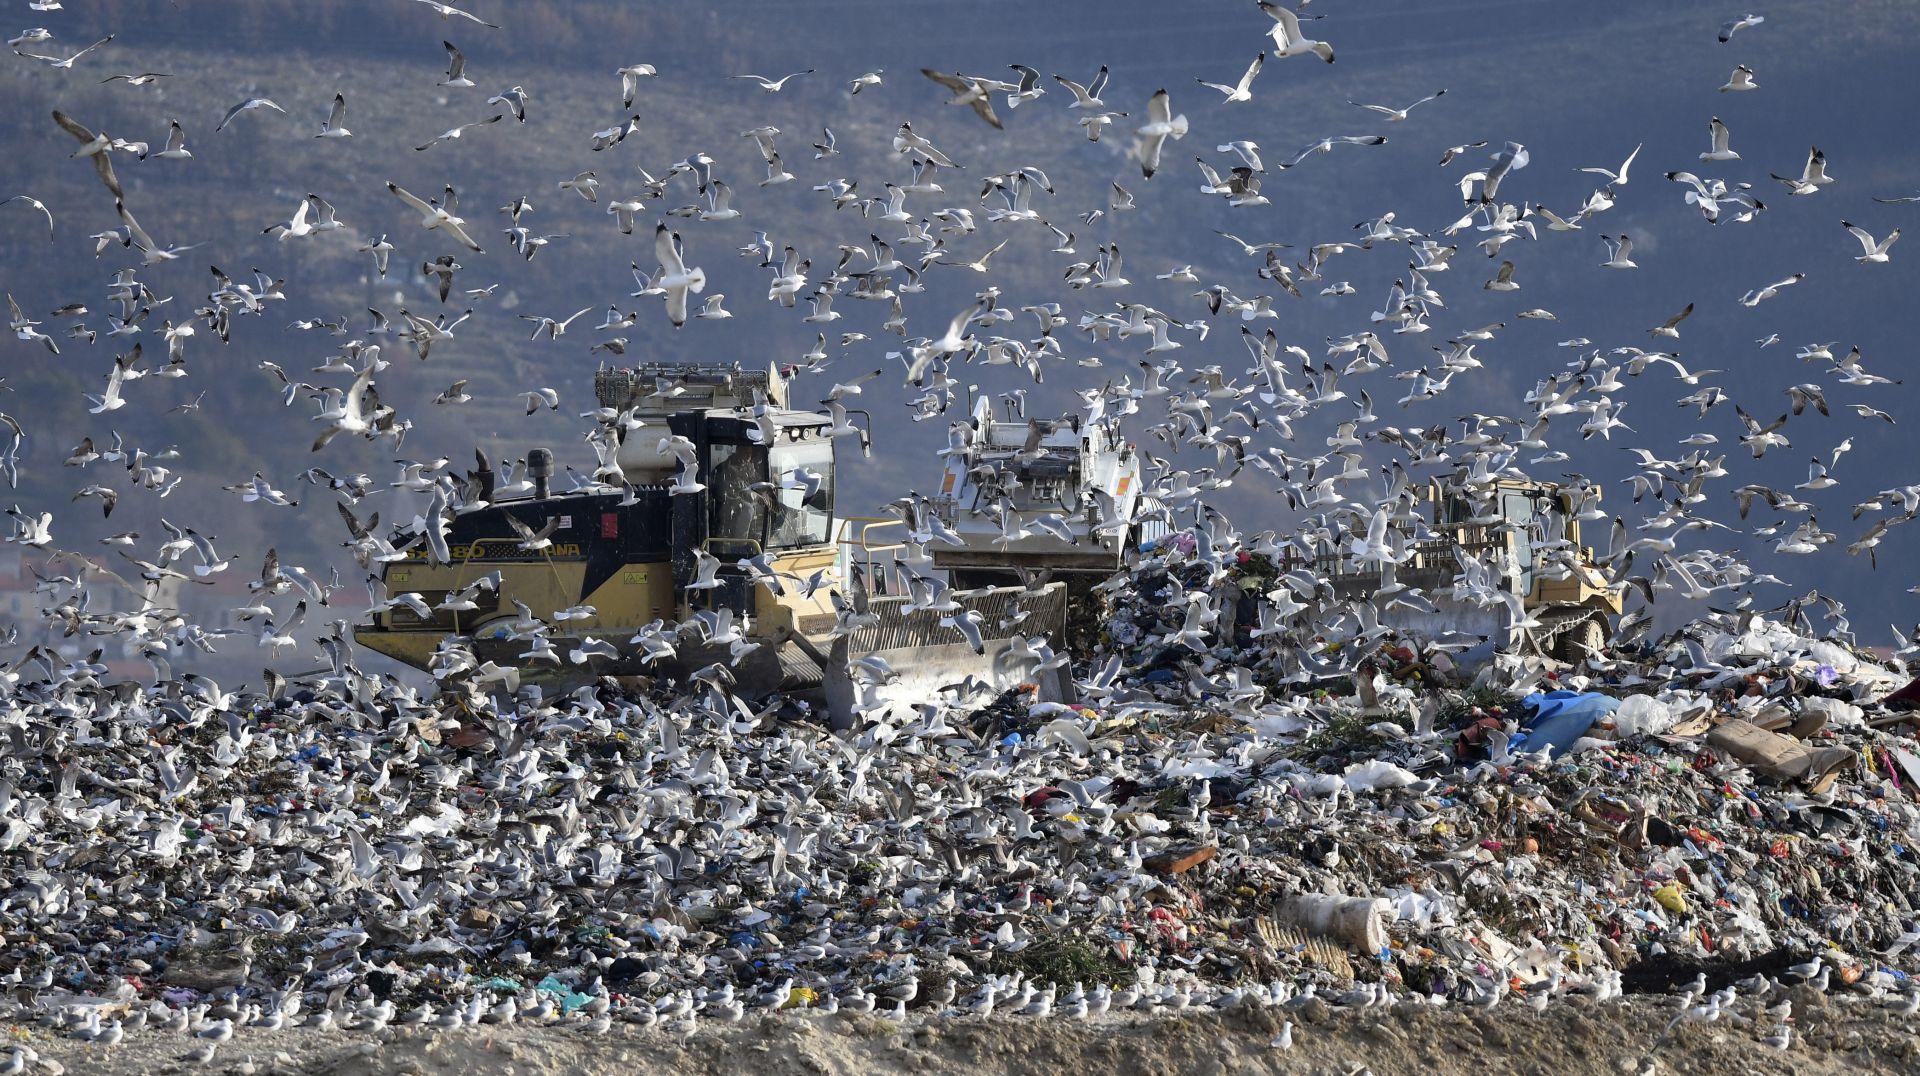 Ministarstvo zaštite okoliša optužilo inicijativu Zero Waste Hrvatska da širi dezinformacije